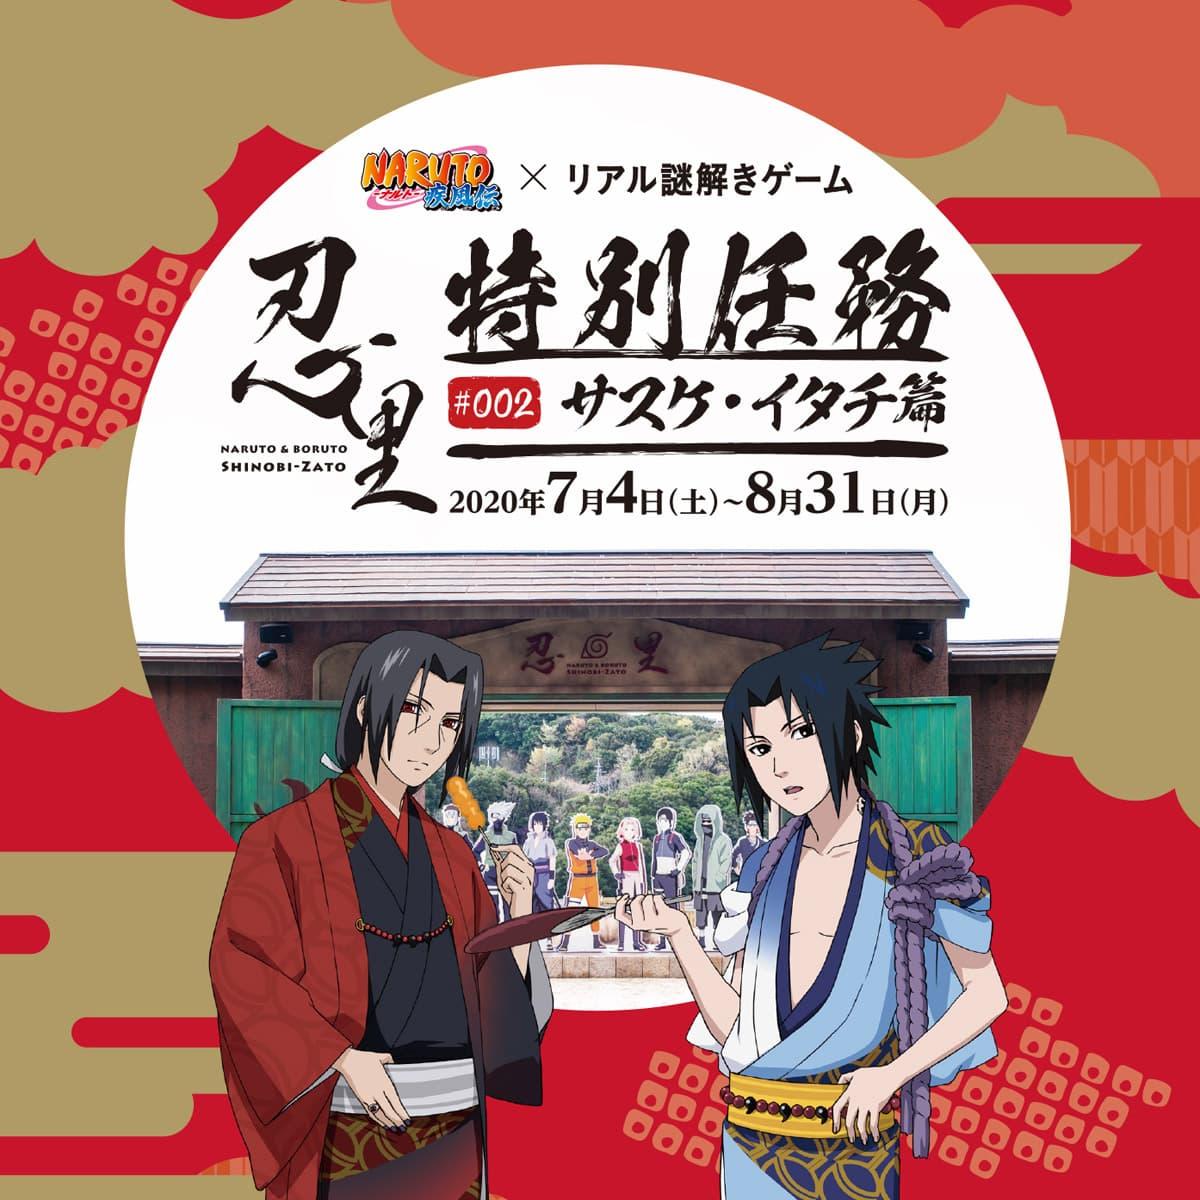 サスケ・イタチ誕生日イベント「リアル謎解きゲーム」